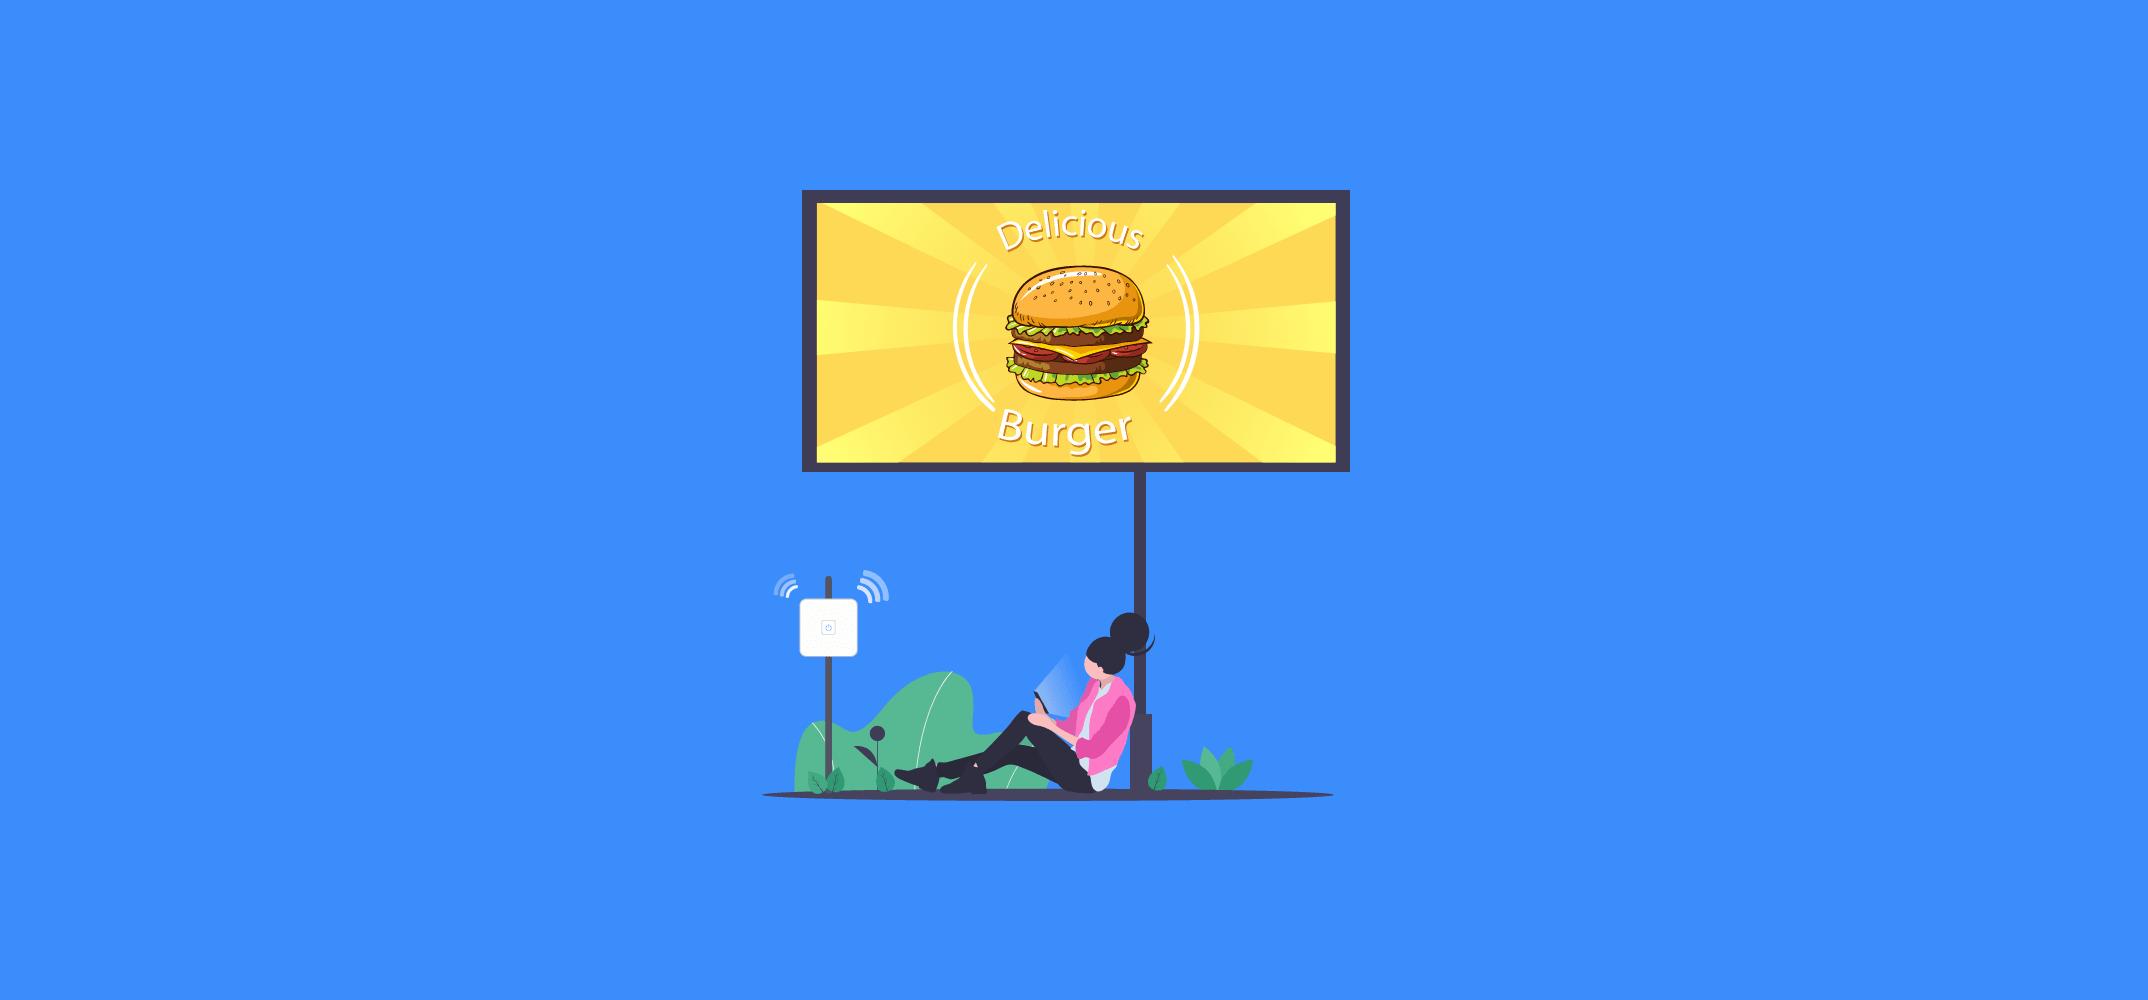 Девушка под рекламным баннером смотрит Wi-Fi рекламу